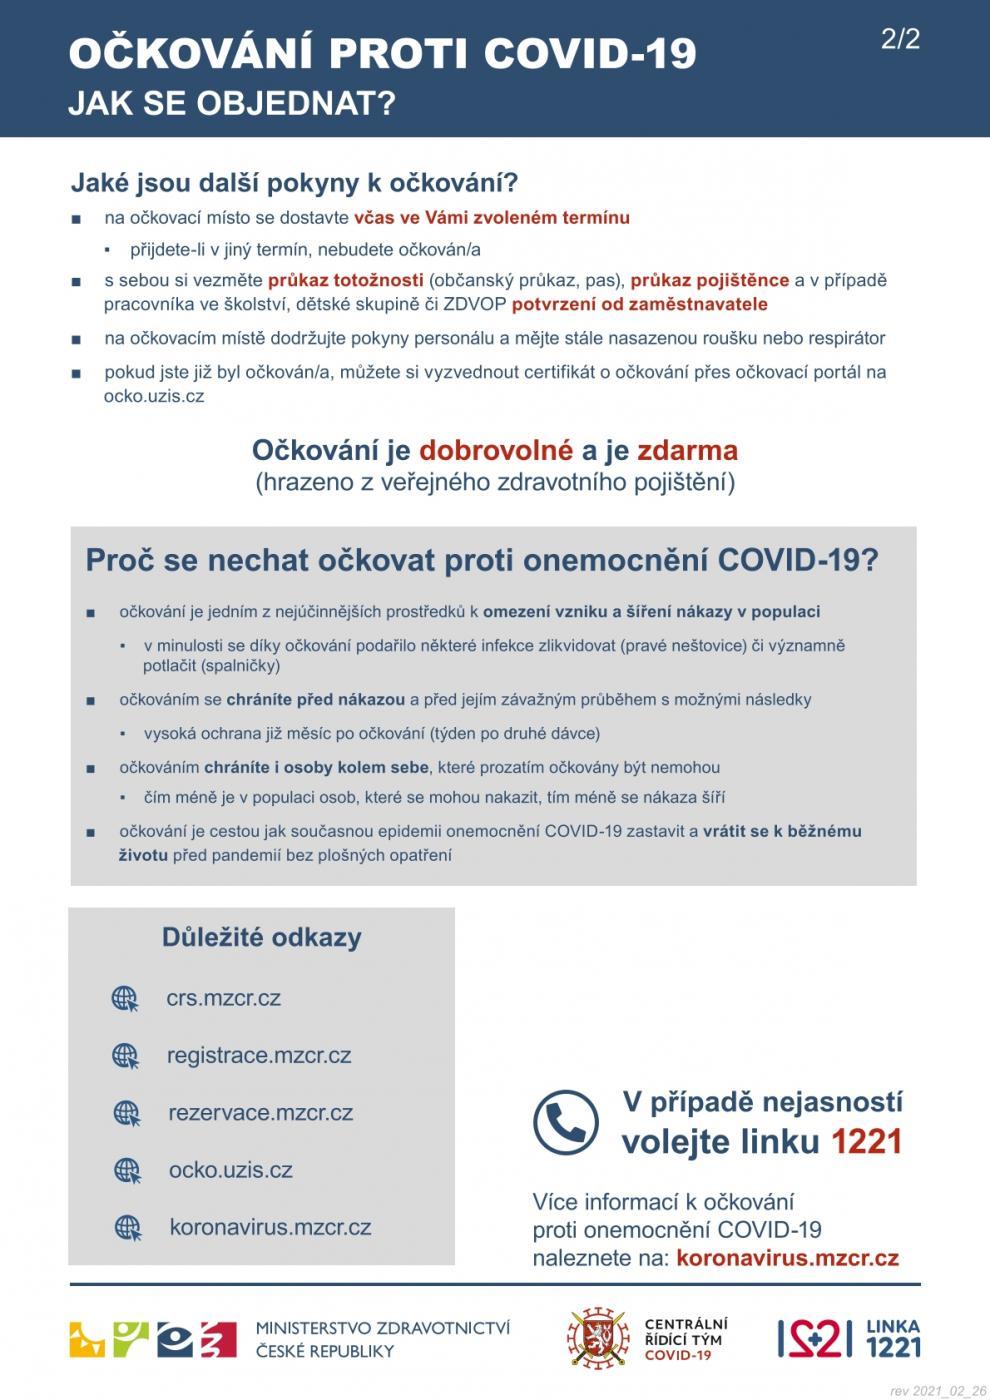 Ockovani Proti Covid 19 Aktualni Informace Praha 11